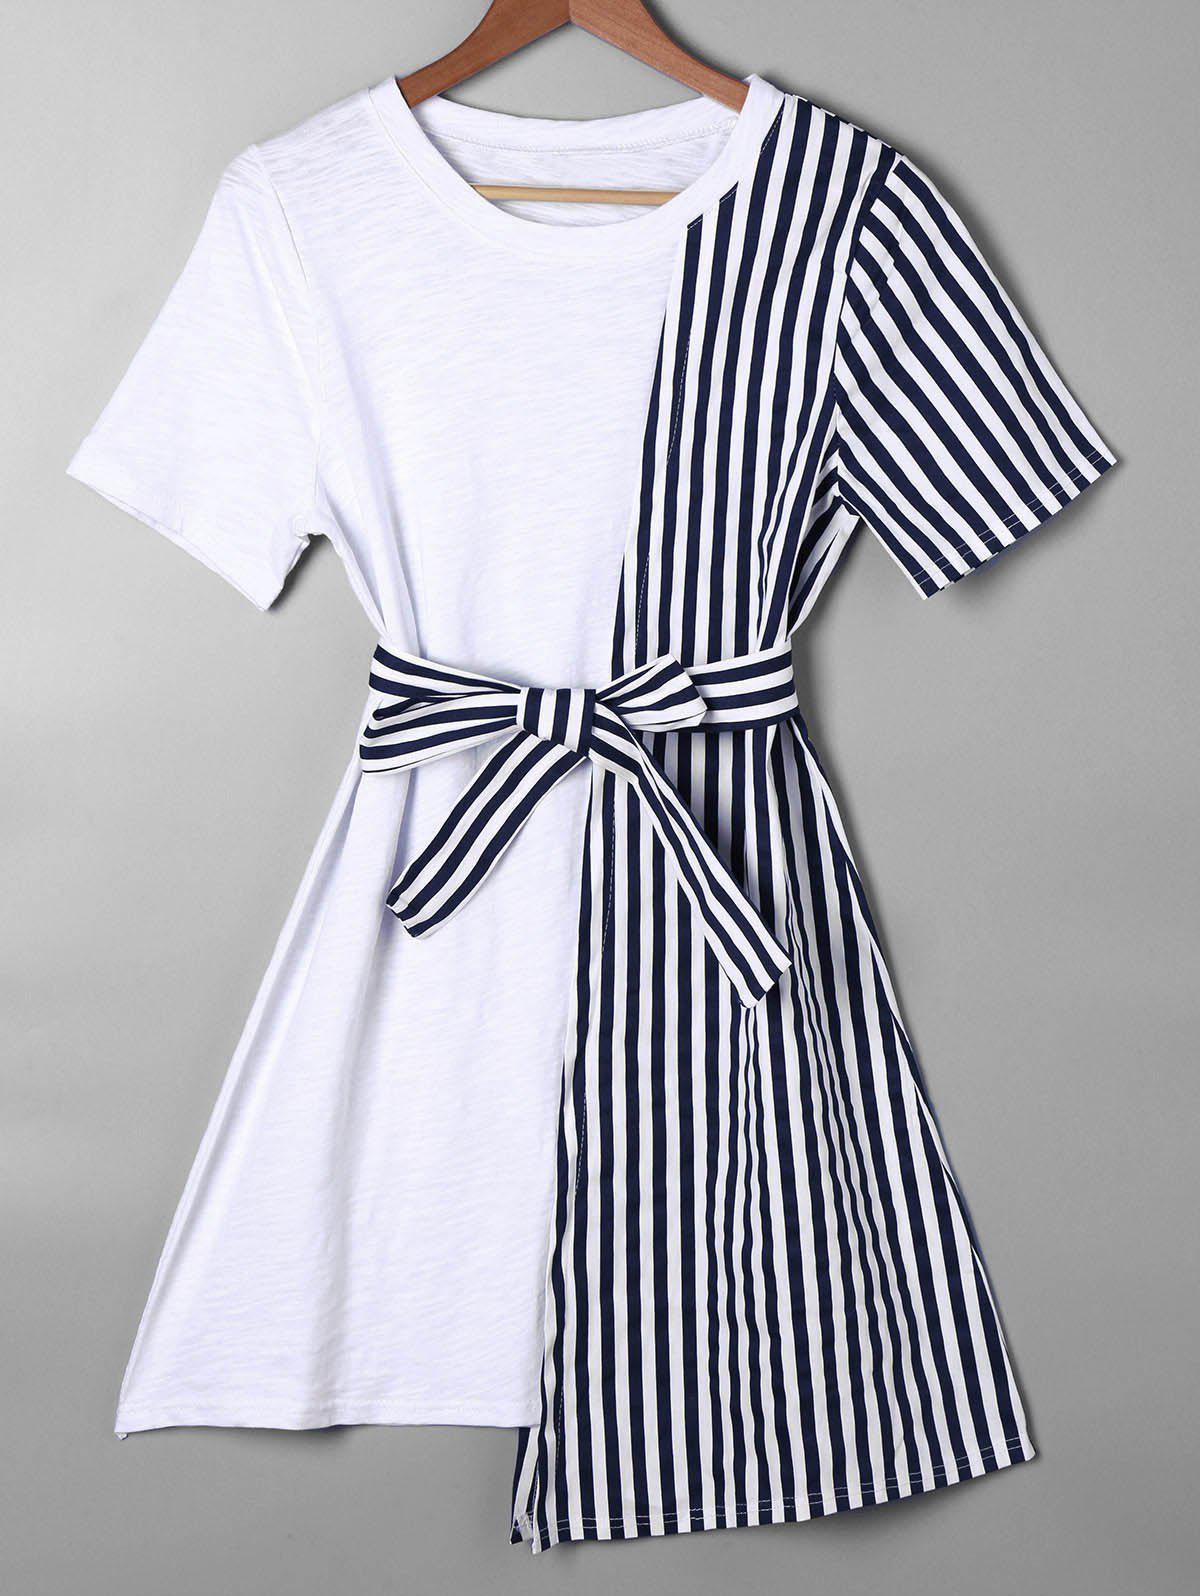 отличительной чертой как можно перешить платье в полоску фото обычно